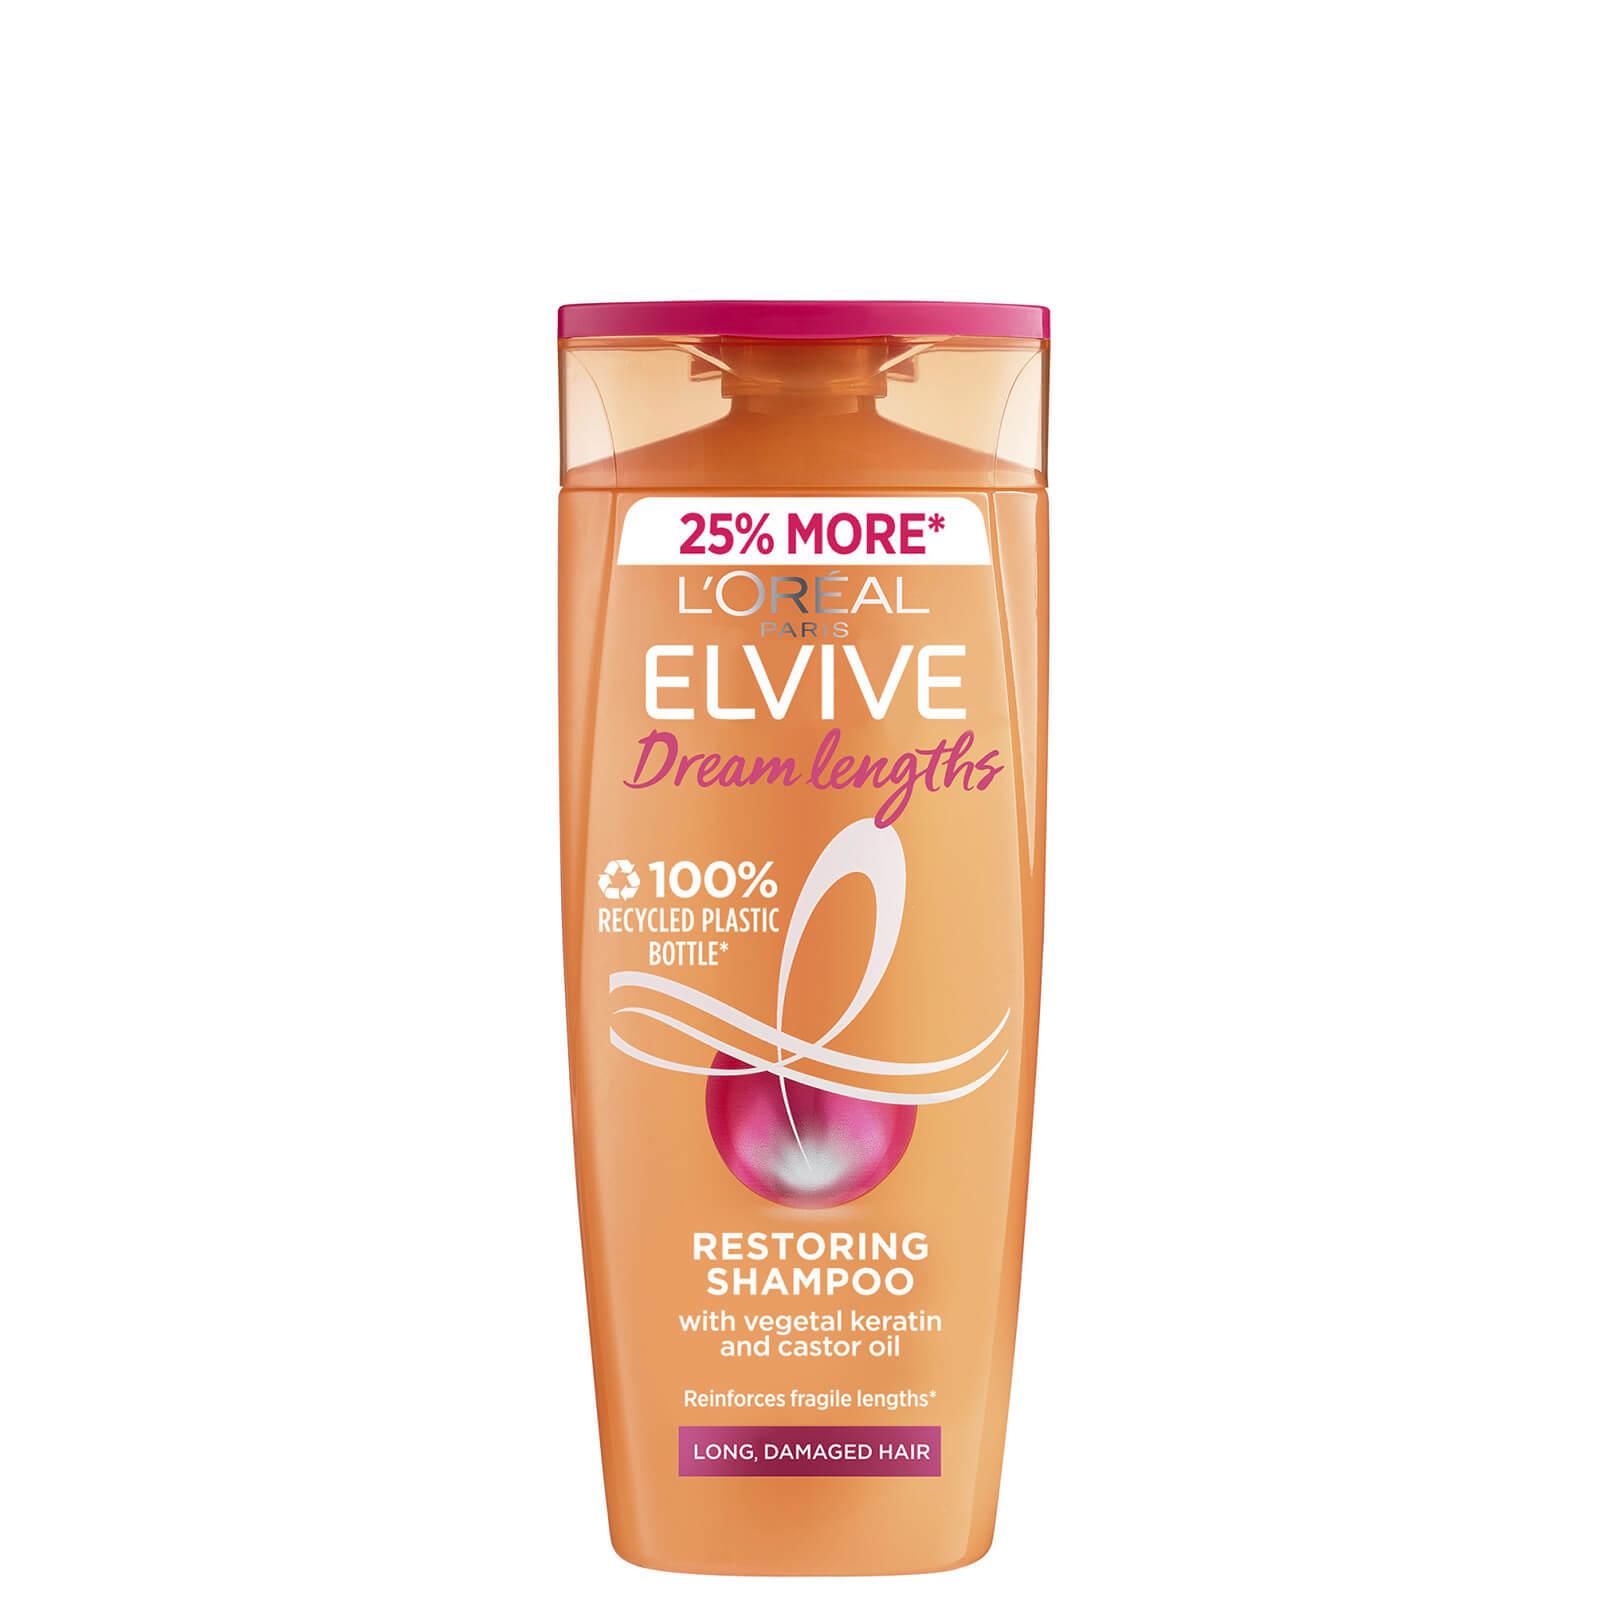 L'Oréal Paris Elvive Dream Lengths Long Hair Shampoo 500ml